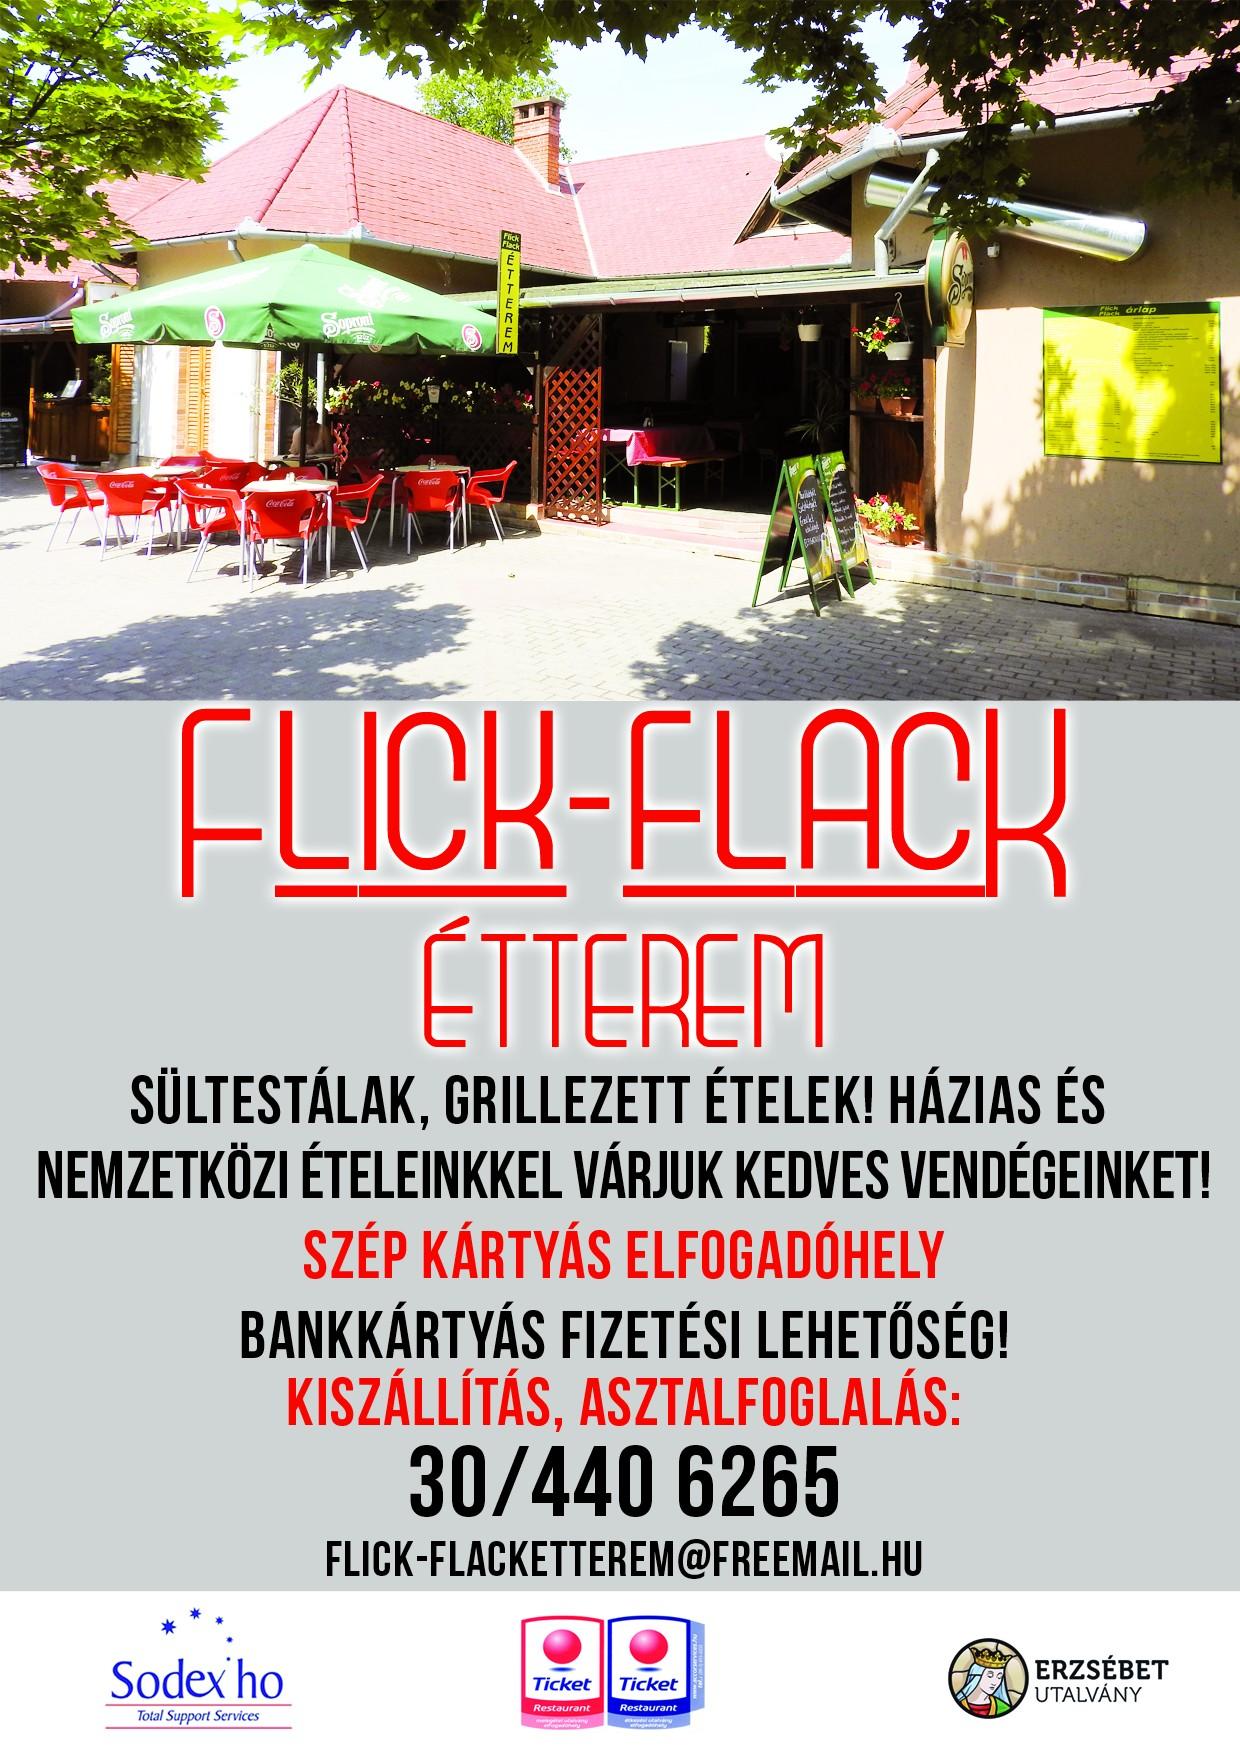 flickflack